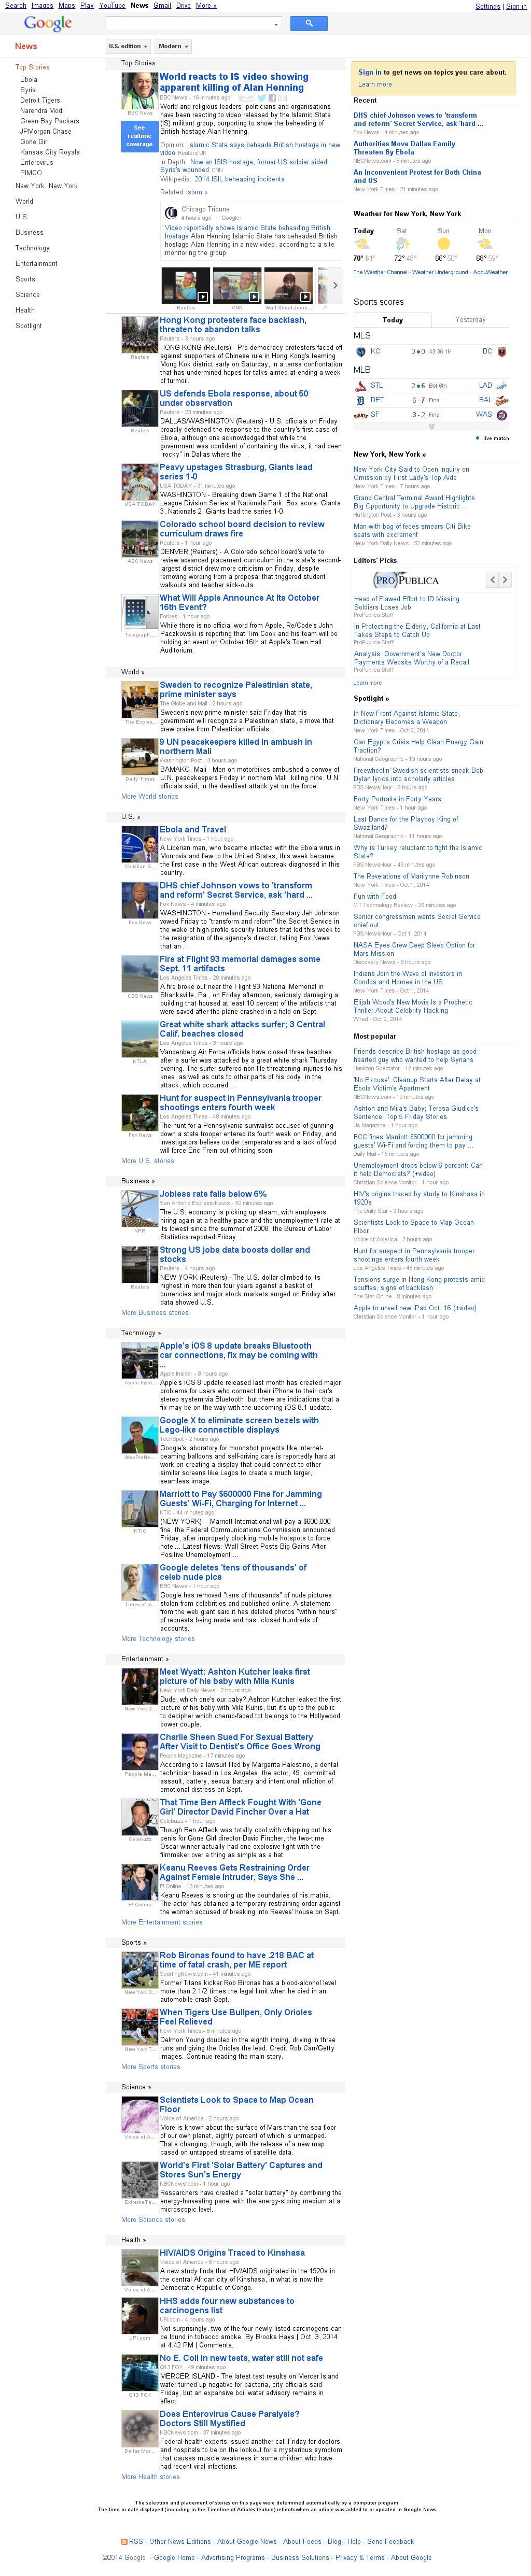 Google News at Saturday Oct. 4, 2014, 1:09 a.m. UTC